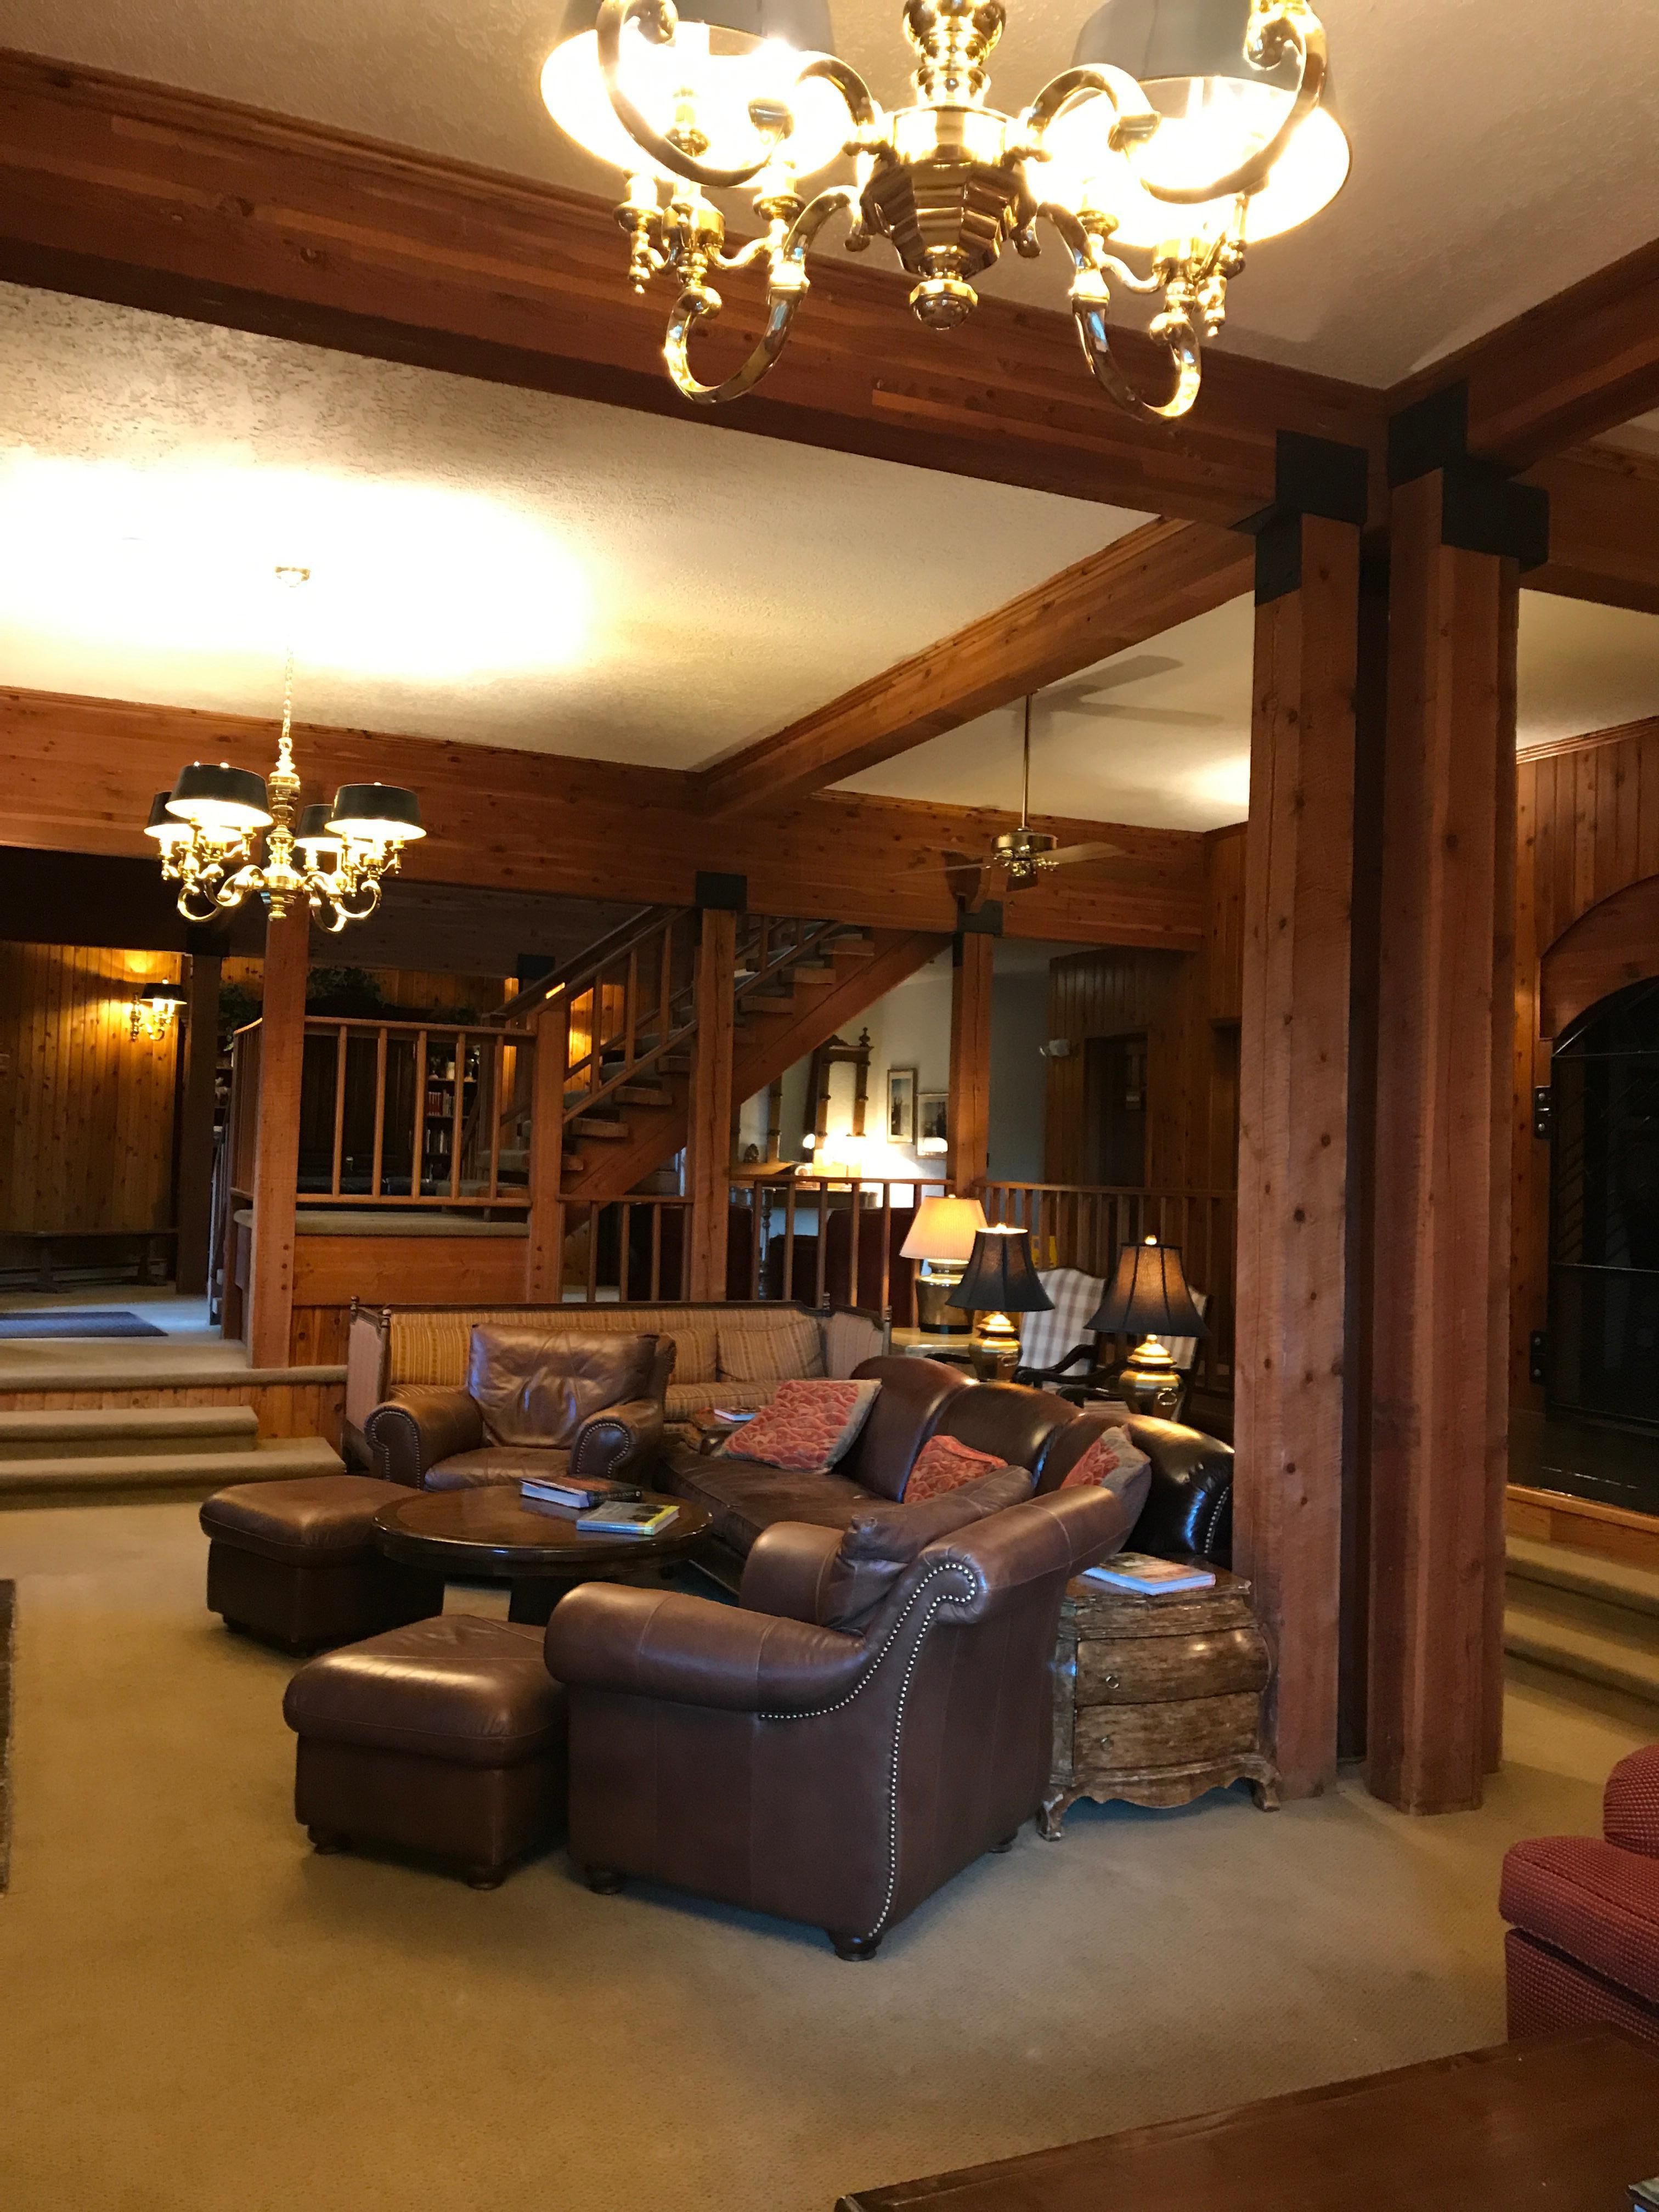 kandahar lodge at whitefish mountain resort in whitefish | hotel